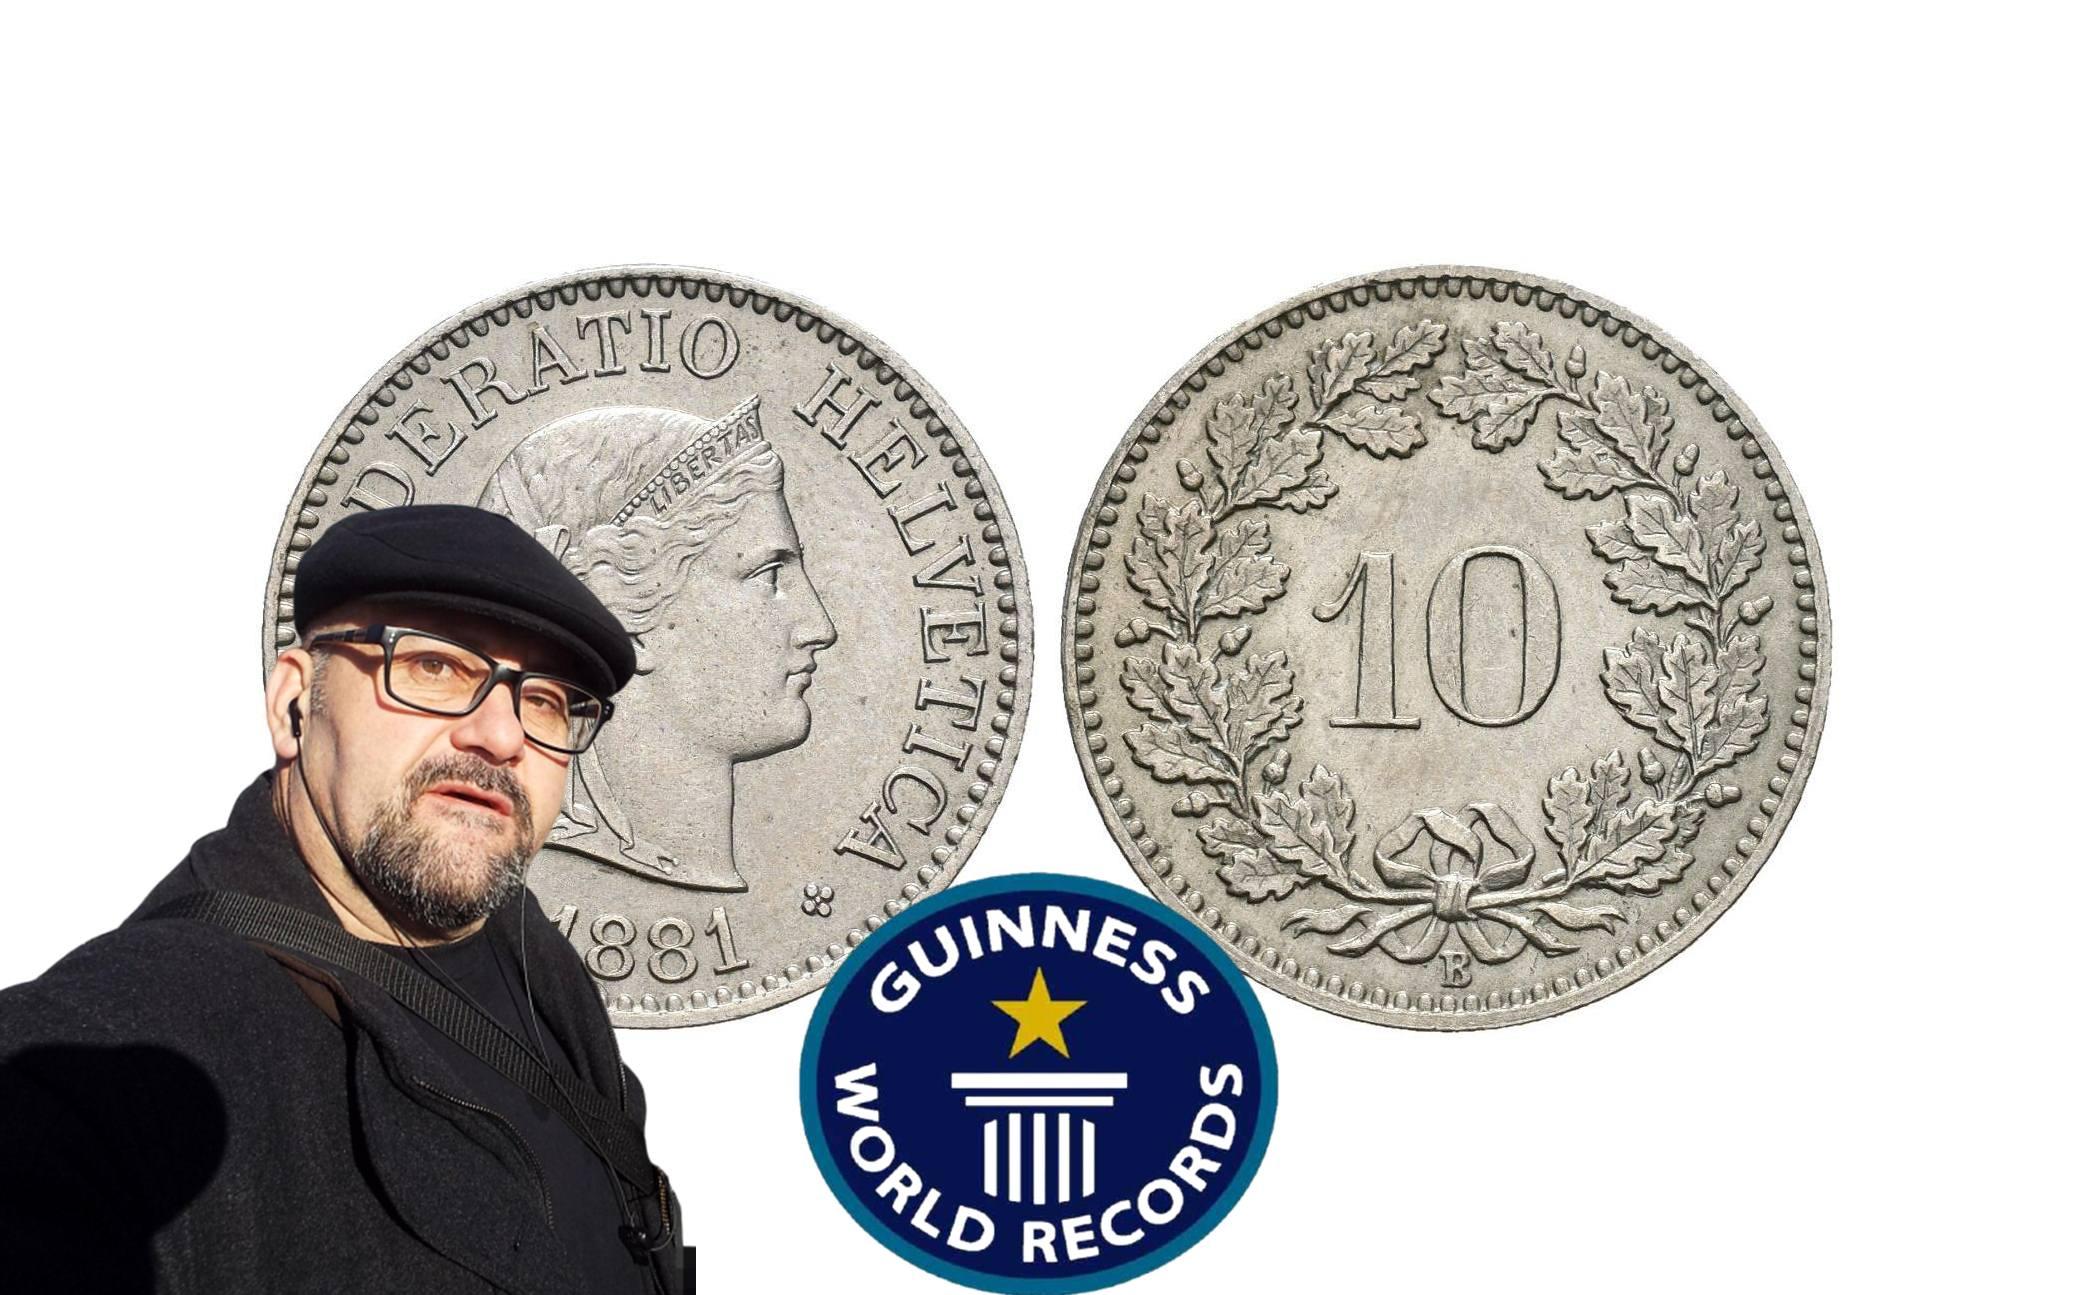 Стефан Пройнов: Вижте коя монета влезе в рекордите на Гинес?